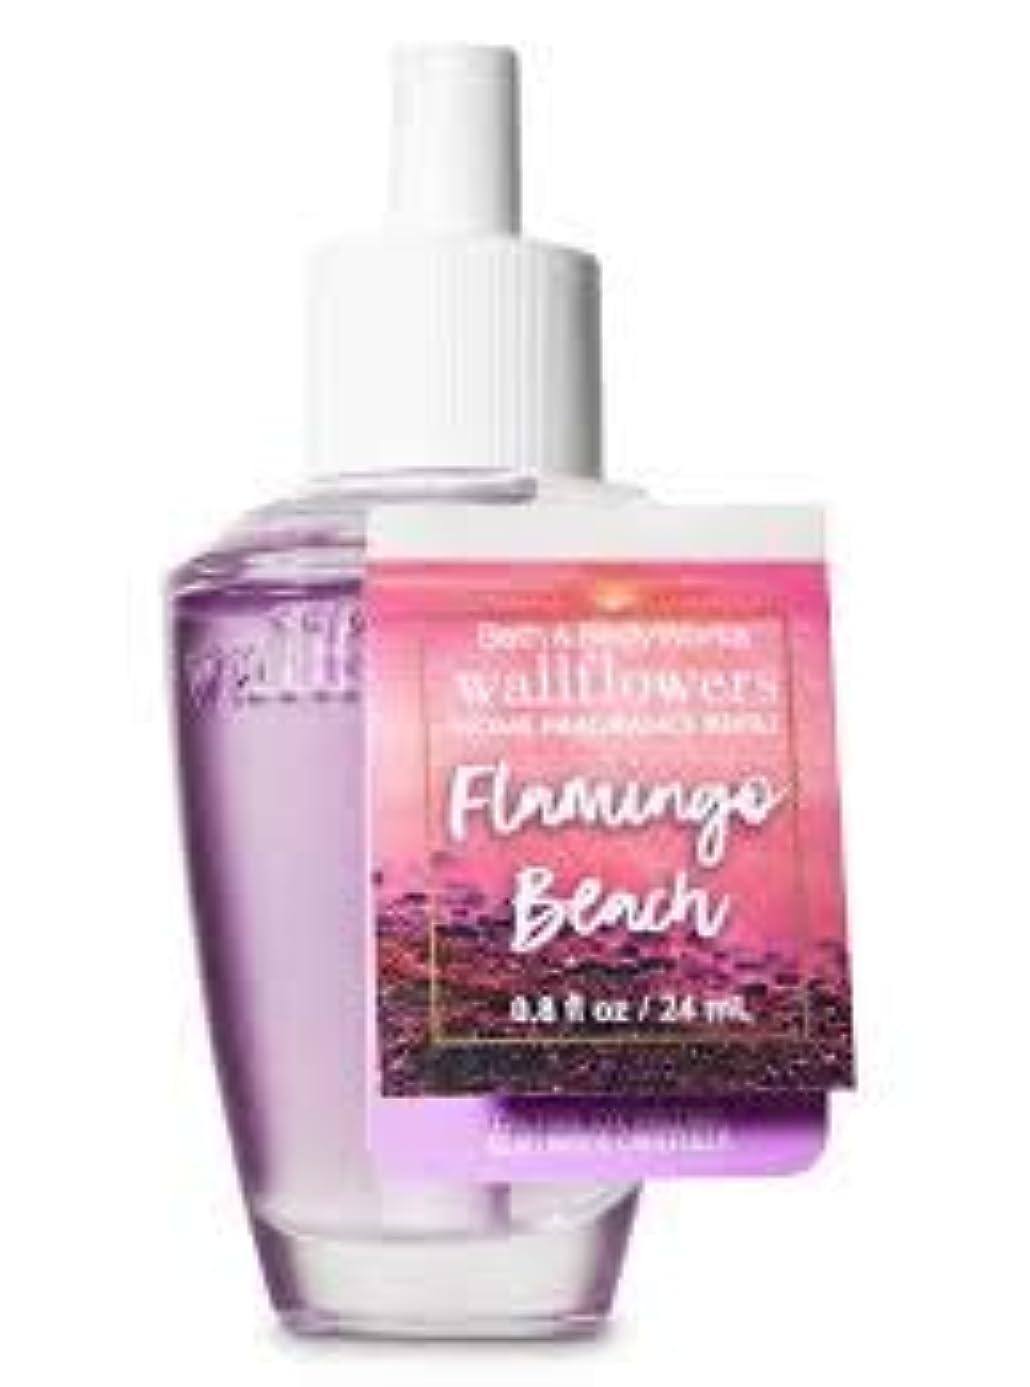 後継強います民族主義【Bath&Body Works/バス&ボディワークス】 ルームフレグランス 詰替えリフィル フラミンゴビーチ Wallflowers Home Fragrance Refill Flamingo Beach [並行輸入品]